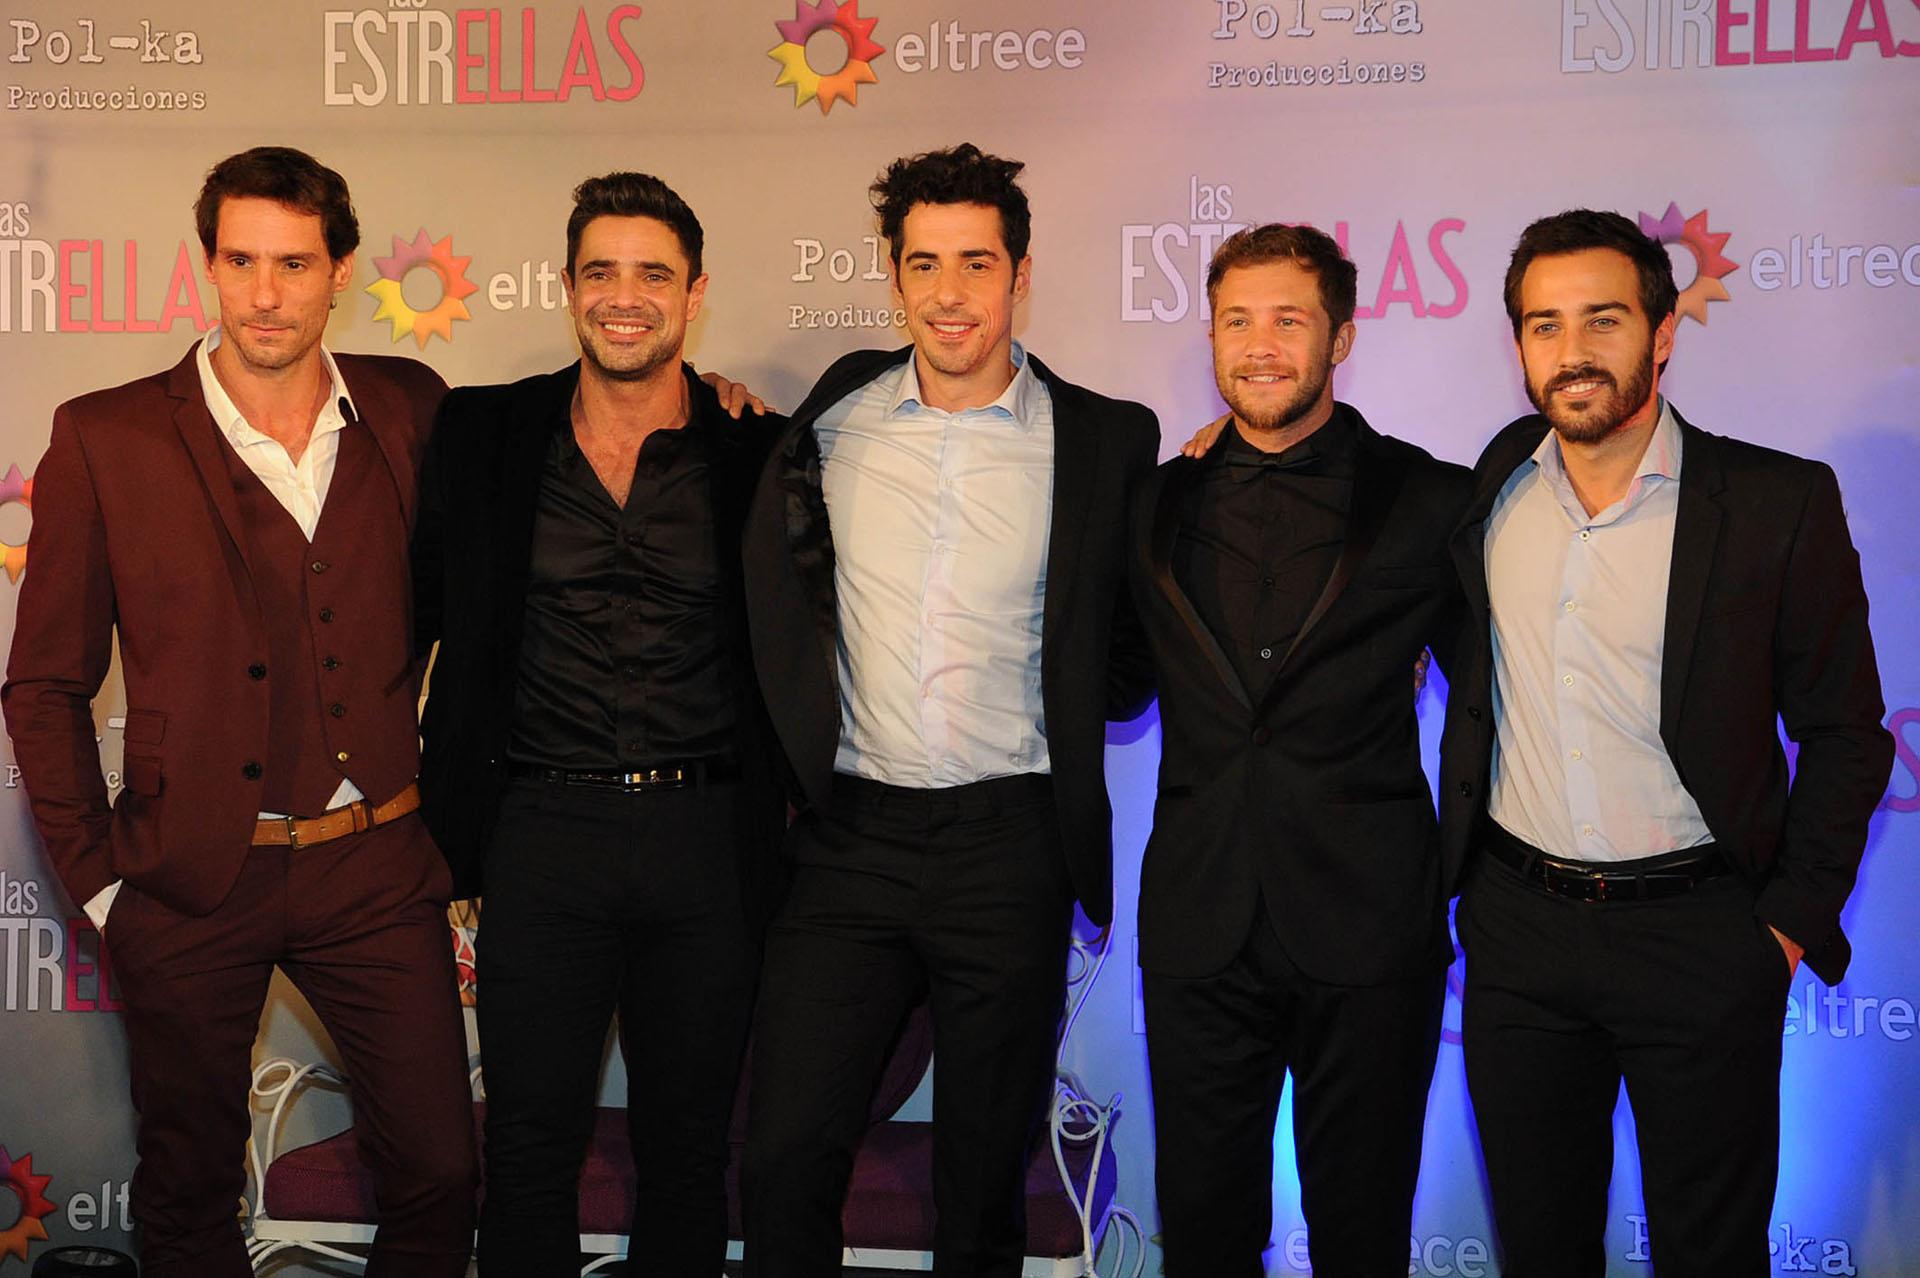 Gonzalo Valenzuela, Luciano Castro, Esteban Lamothe, Nicolás Riera y Nicolás Francella (Crédito: Verónica Guerman / Teleshow)